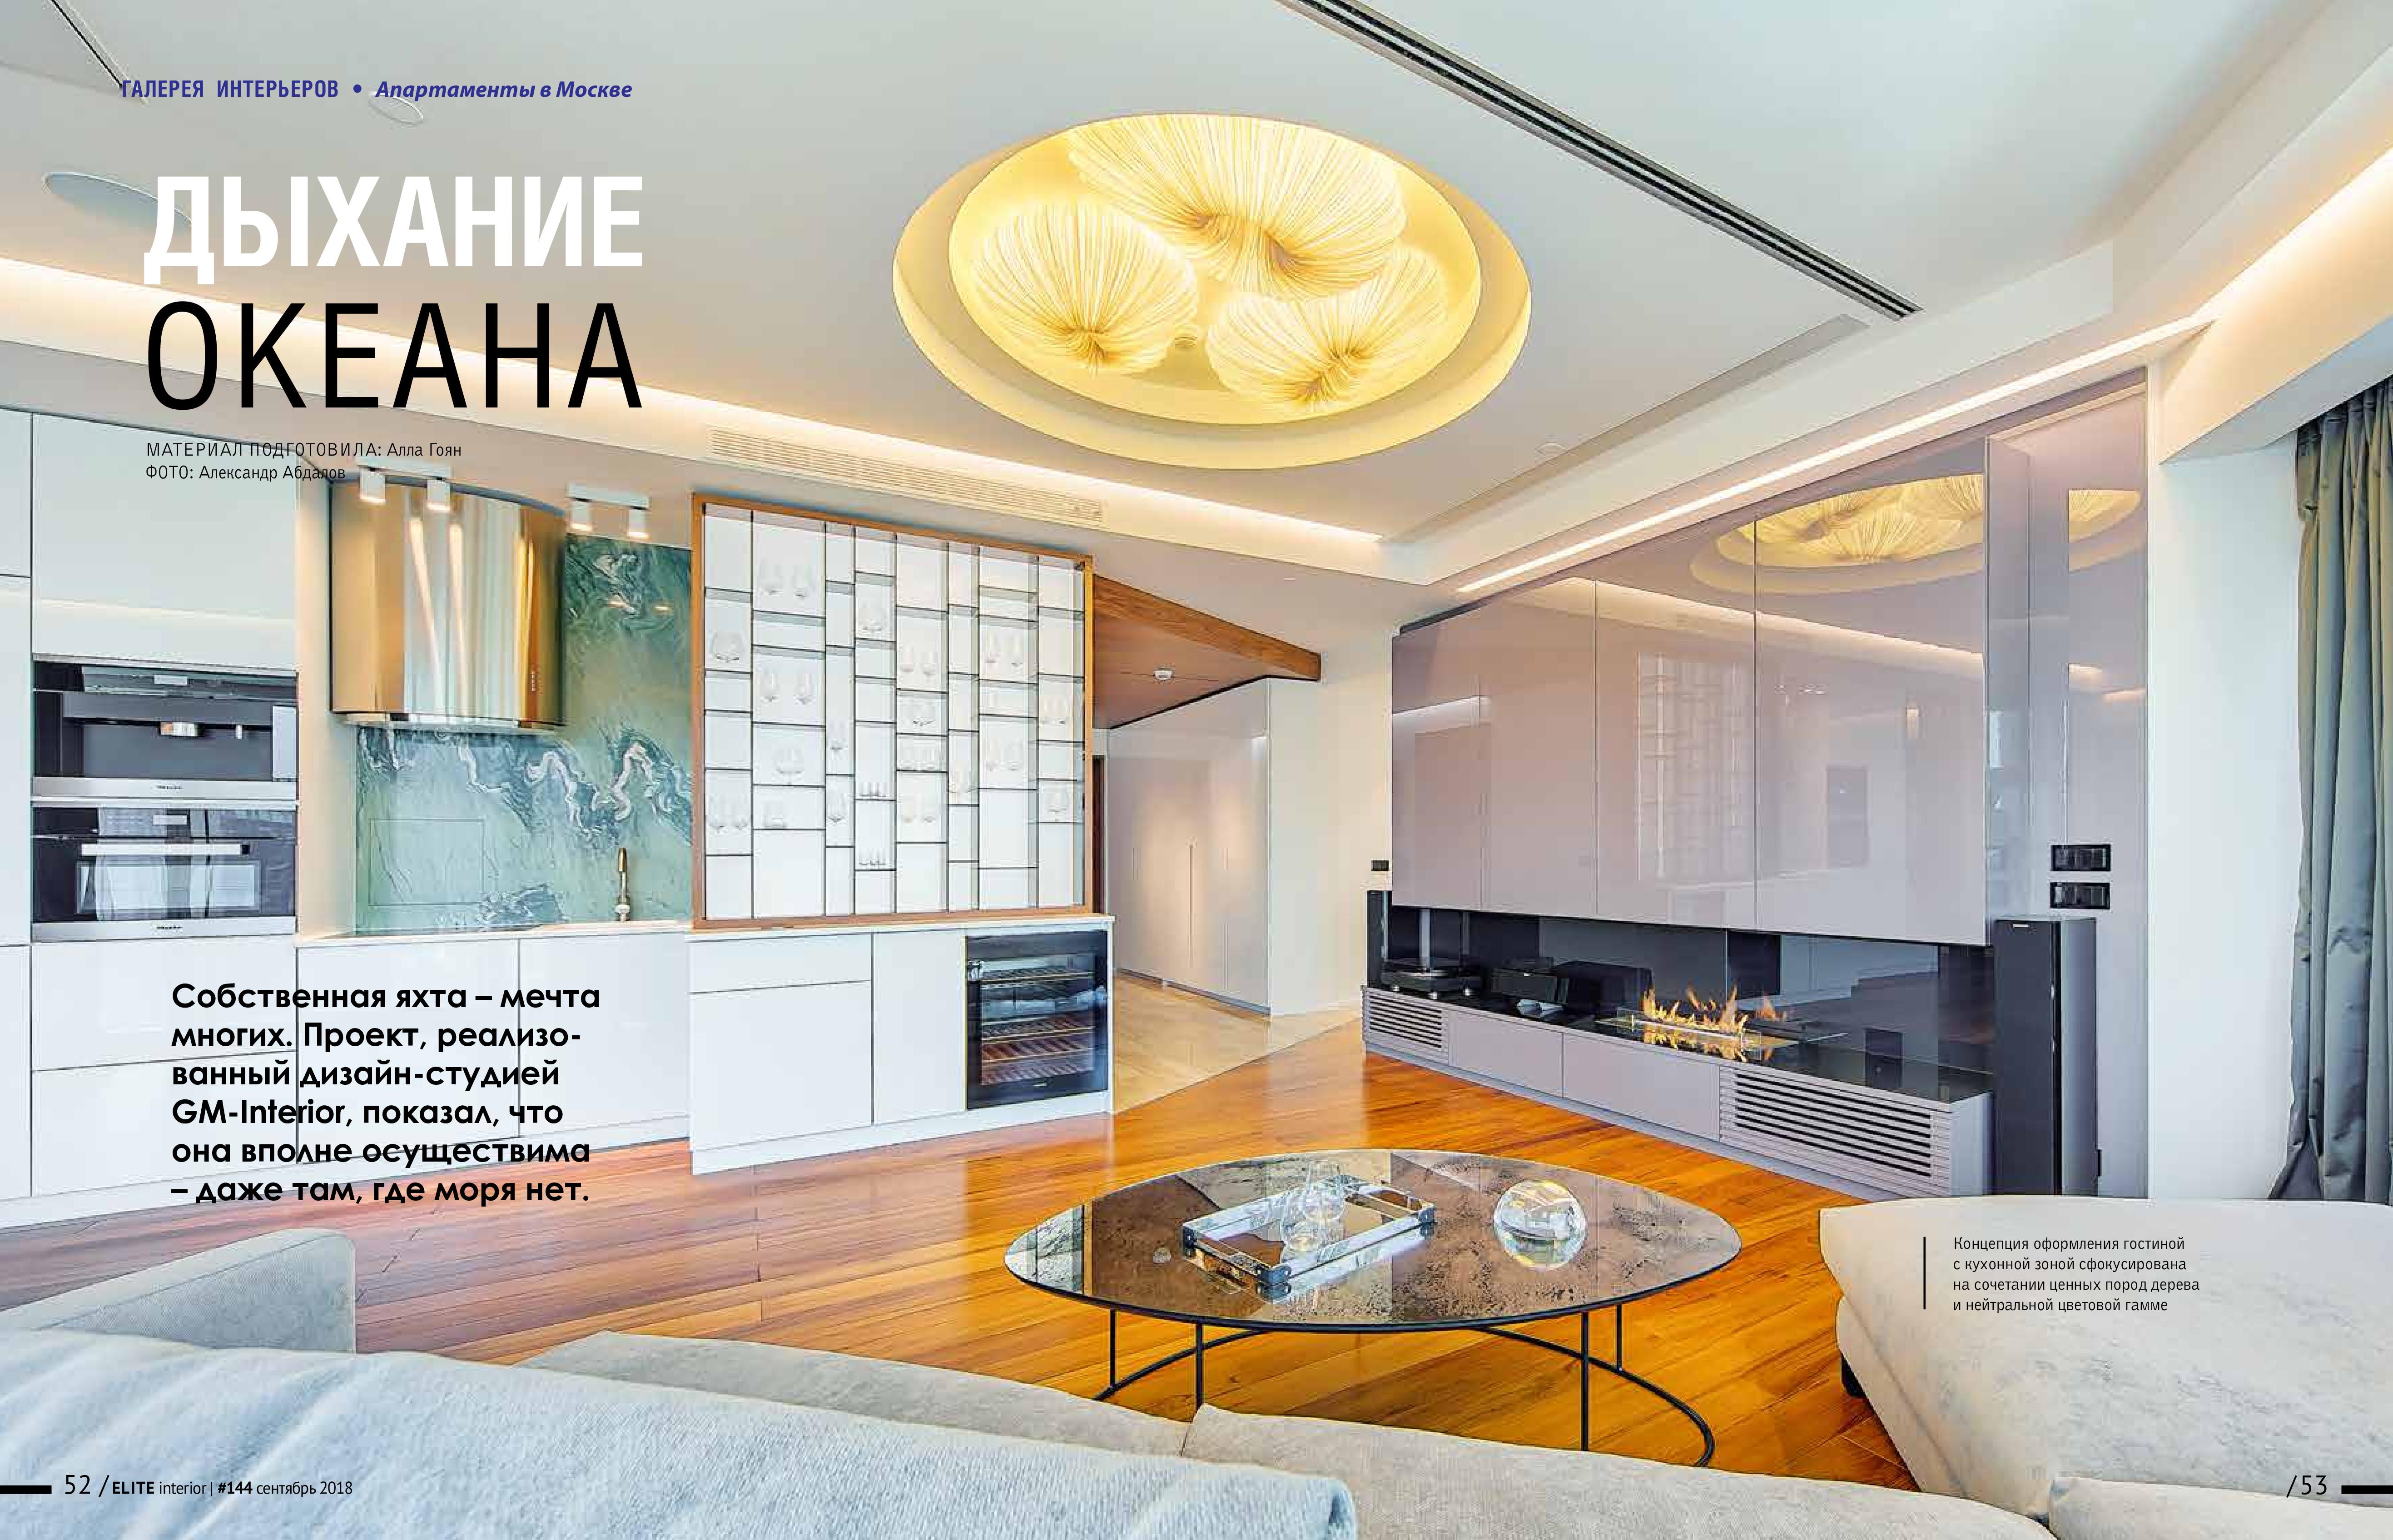 Новый реализованный проект апартаментов в Москва-Сити в свежем номере журнала Elite interior